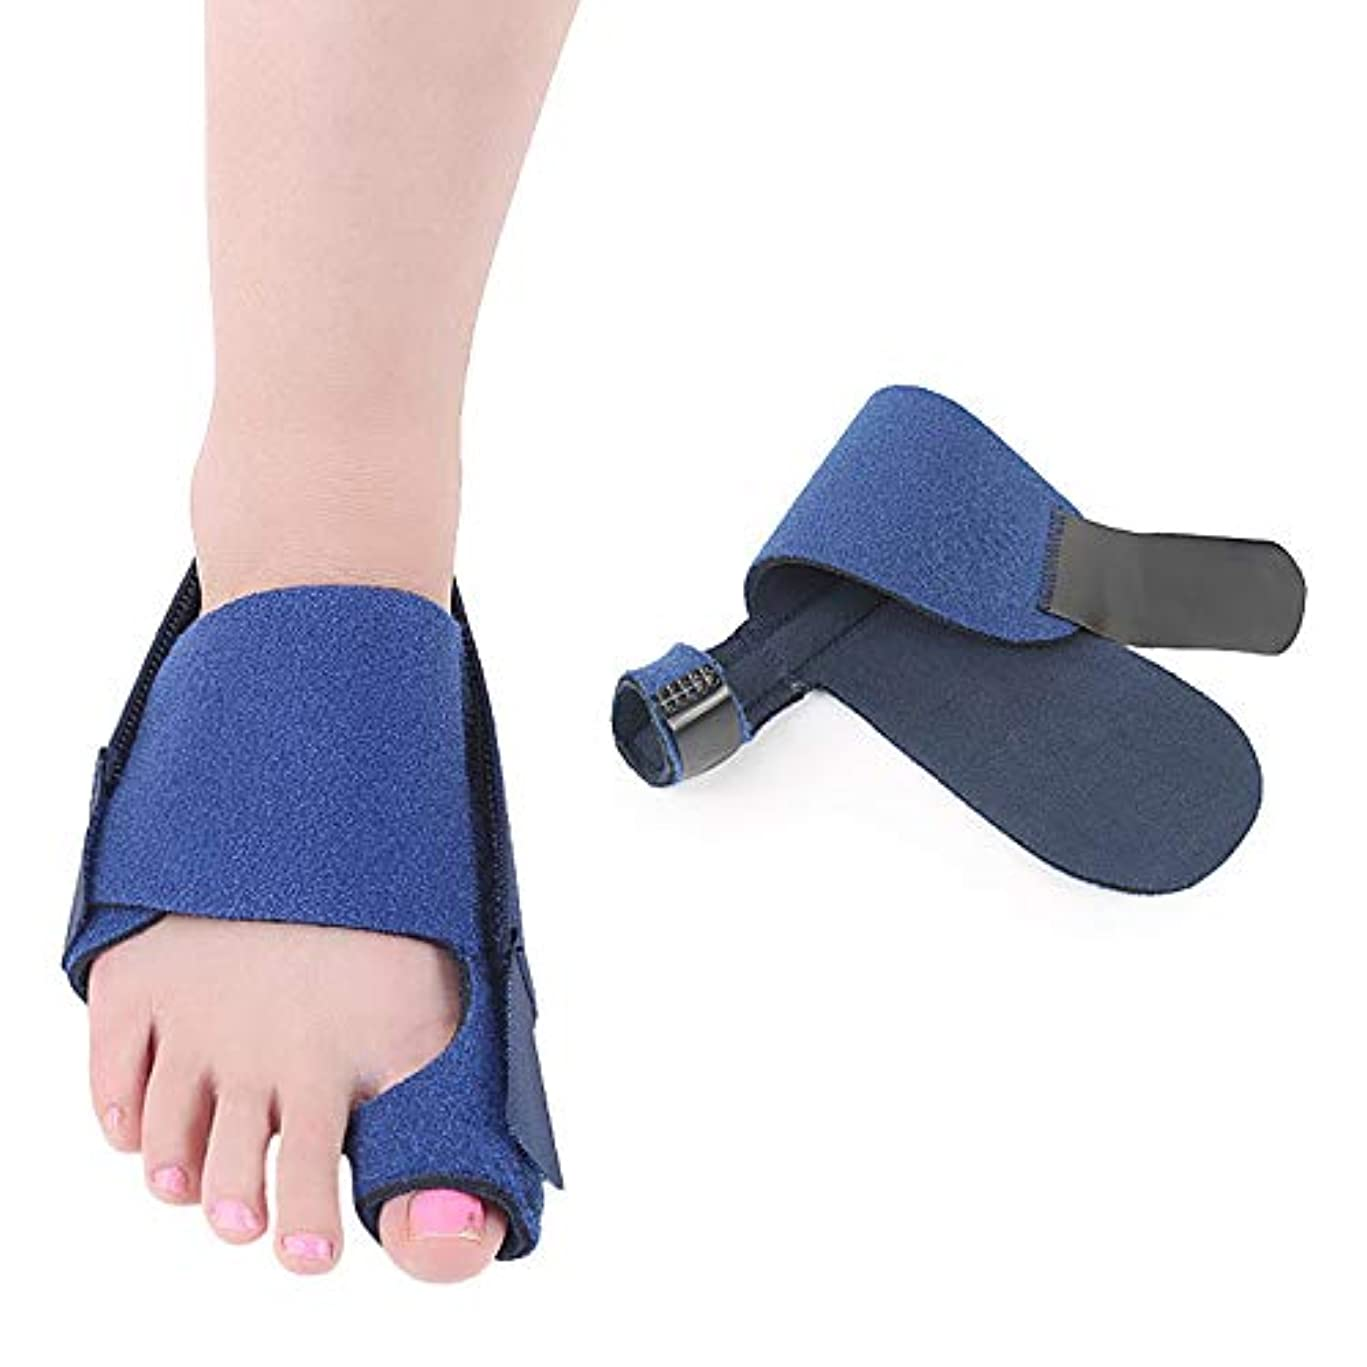 マネージャー合図スロット外反母趾足指セパレーターは足指重複嚢胞通気性吸収汗ワンサイズを防止し、ヨガ後の痛みと変形を軽減,RightFoot